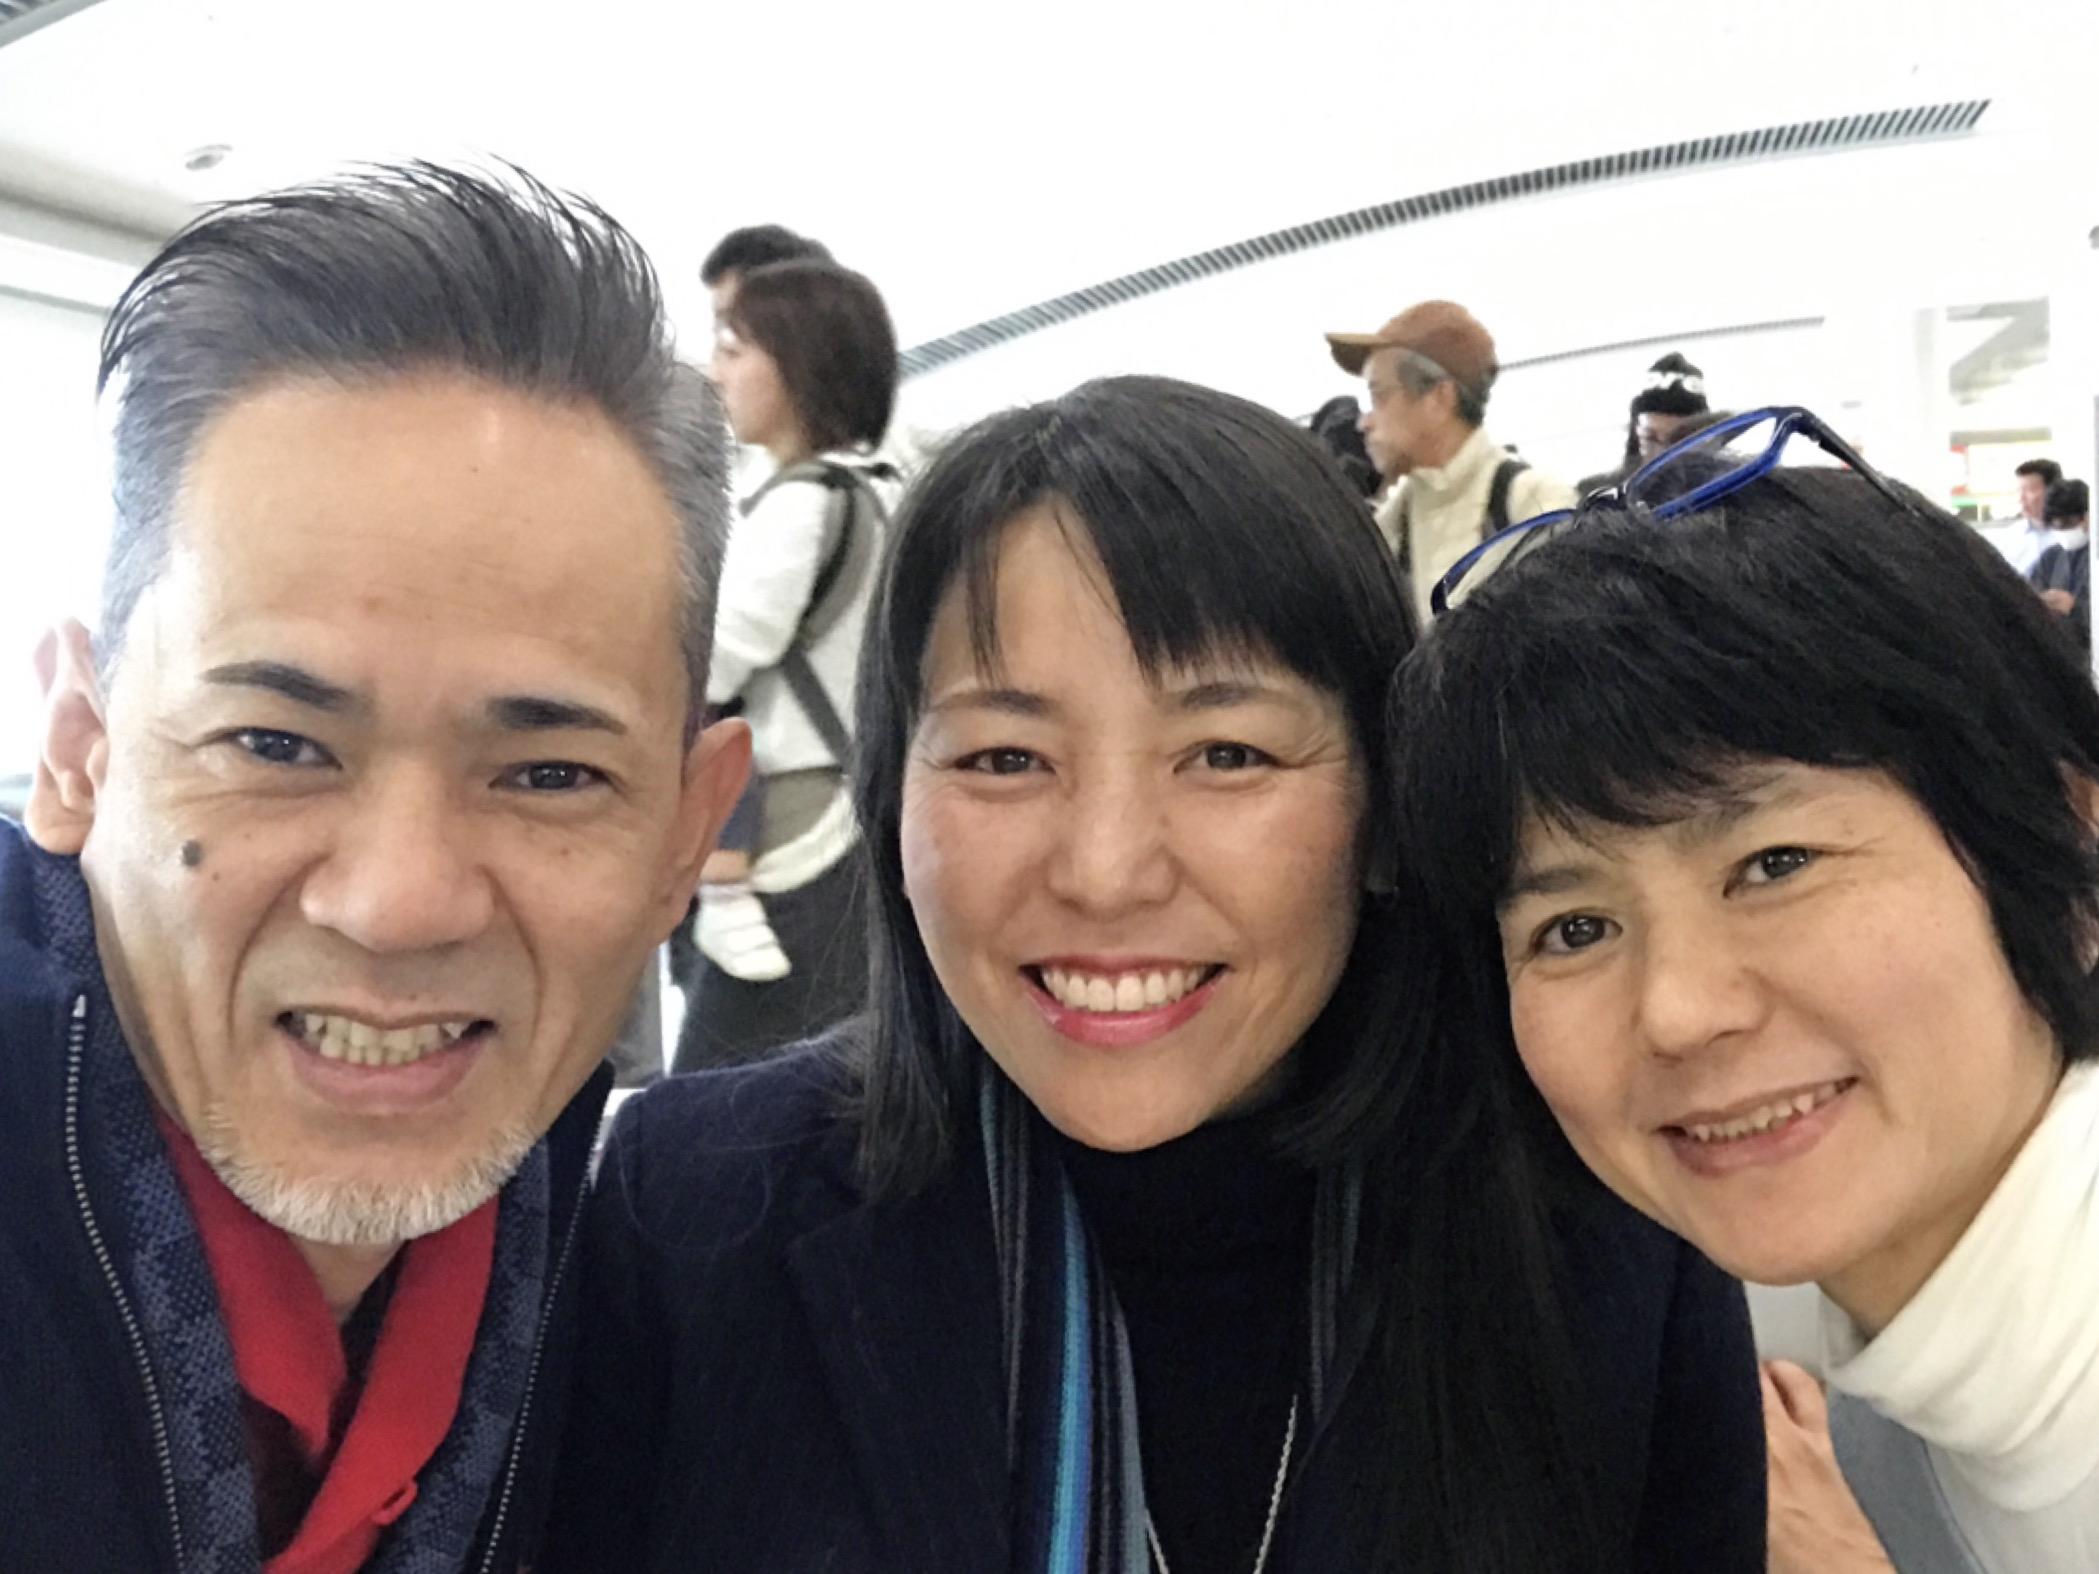 今年初✨✨✨ 東京セミナーウィークです。 昨年のテーマは  THE 自我?? 今年は、そんなことに関係ない先生の世界観を真っ直ぐ手渡しますよ。